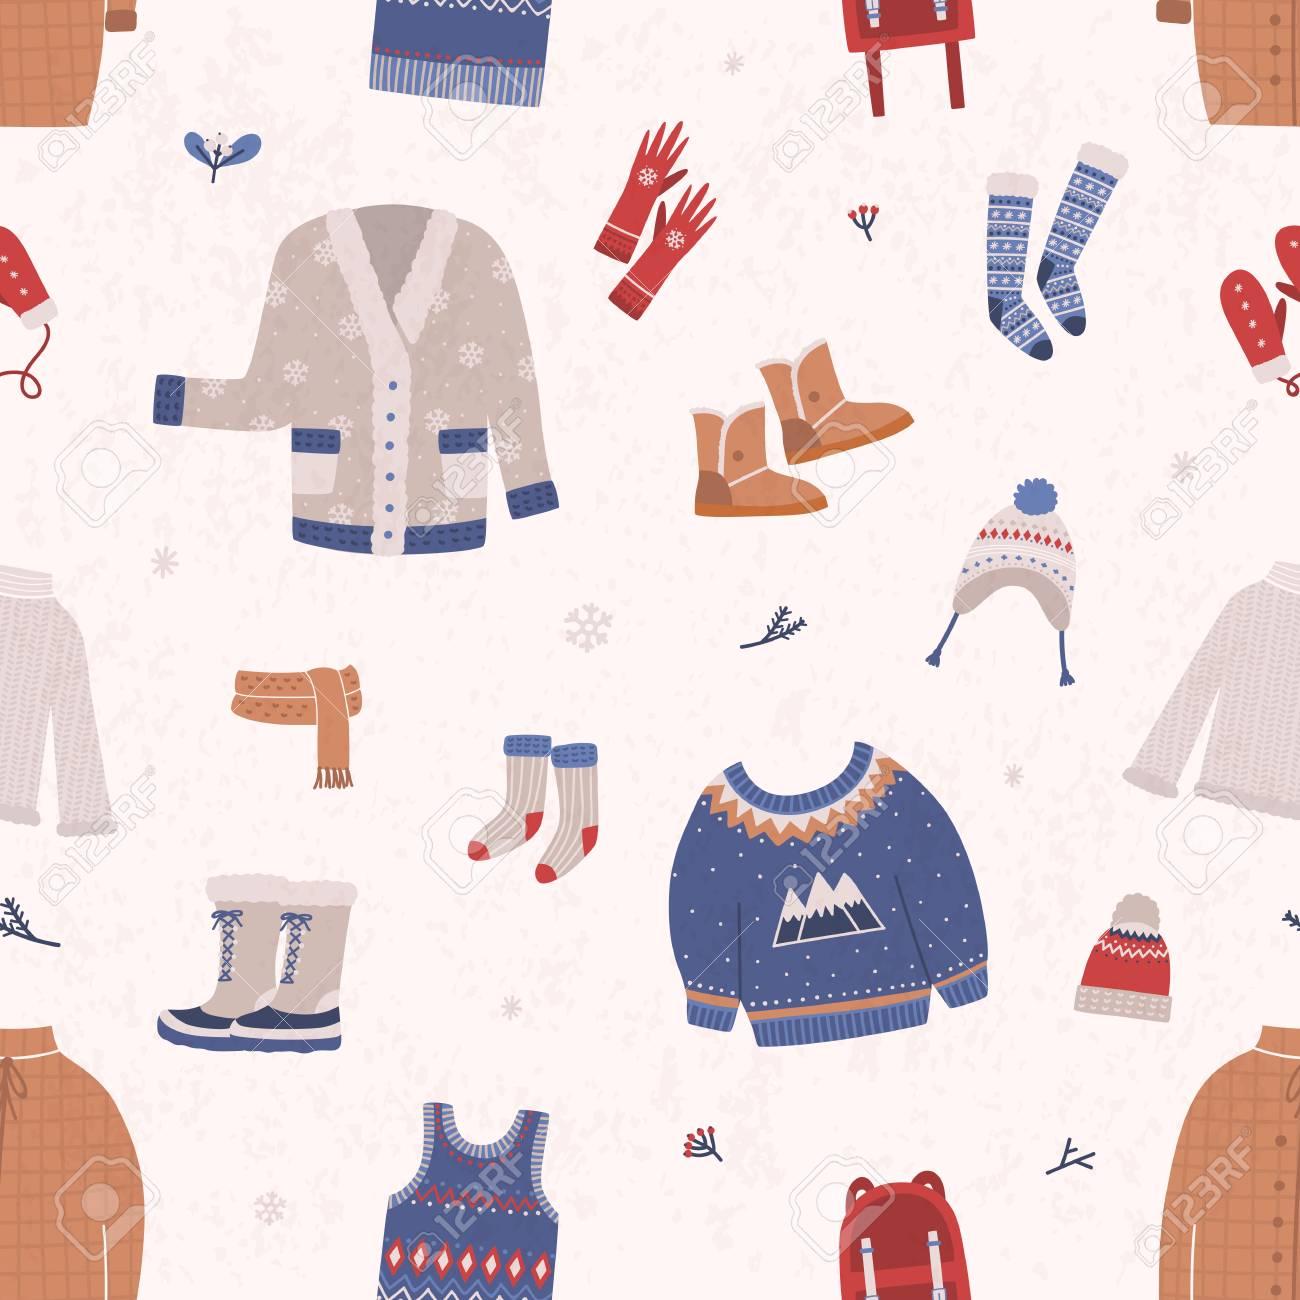 Un Patrón Sin Costuras Con Ropa De Invierno Y Ropa De Abrigo Sobre ...